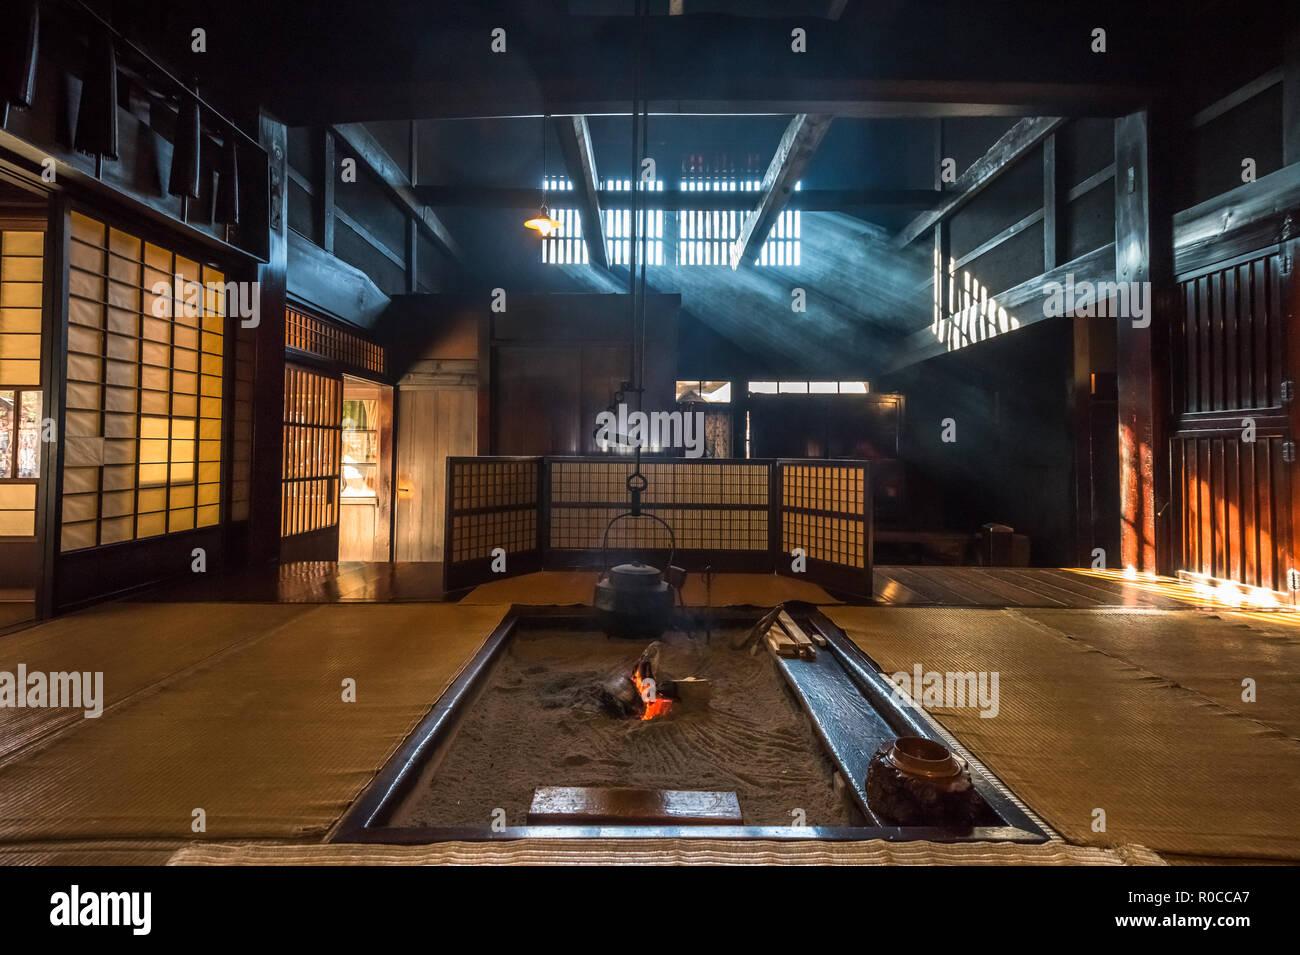 L'intérieur de la vieille maison traditionnelle japonaise dans la ville historique de Tsumago post. Banque D'Images